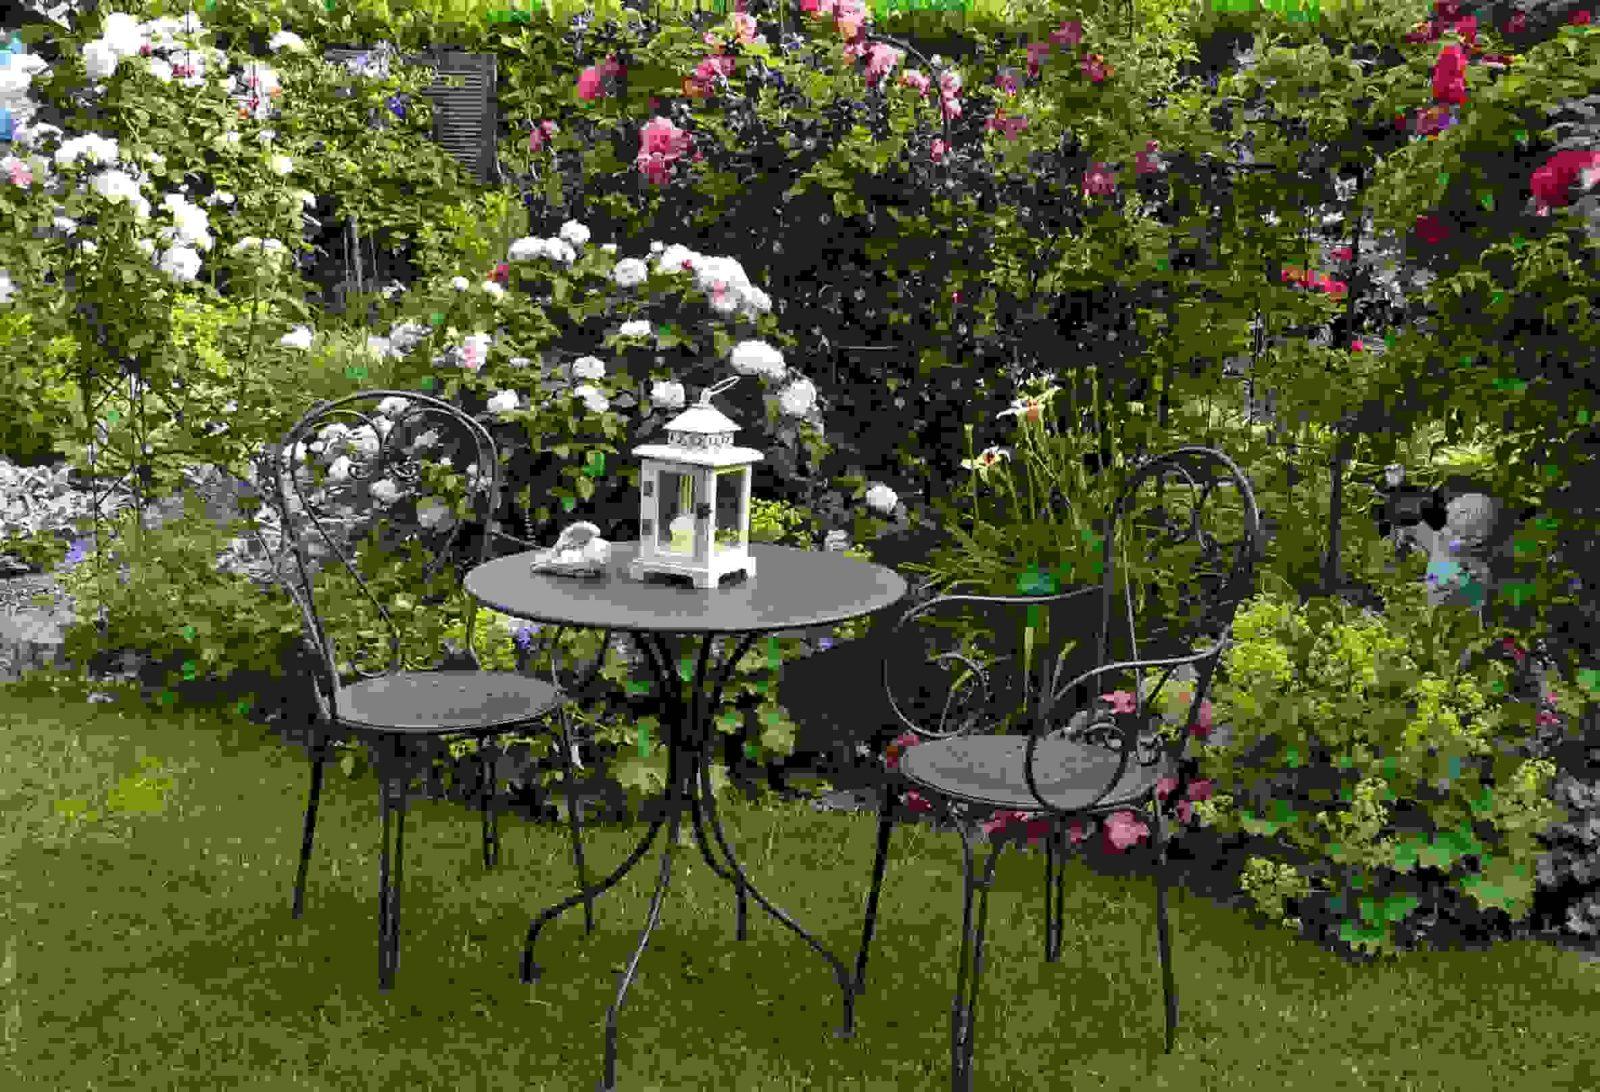 Beliebt Gartengestaltung Kleine Gärten Beispiele Von Gartenideen Für von Gartenideen Für Wenig Geld Bild